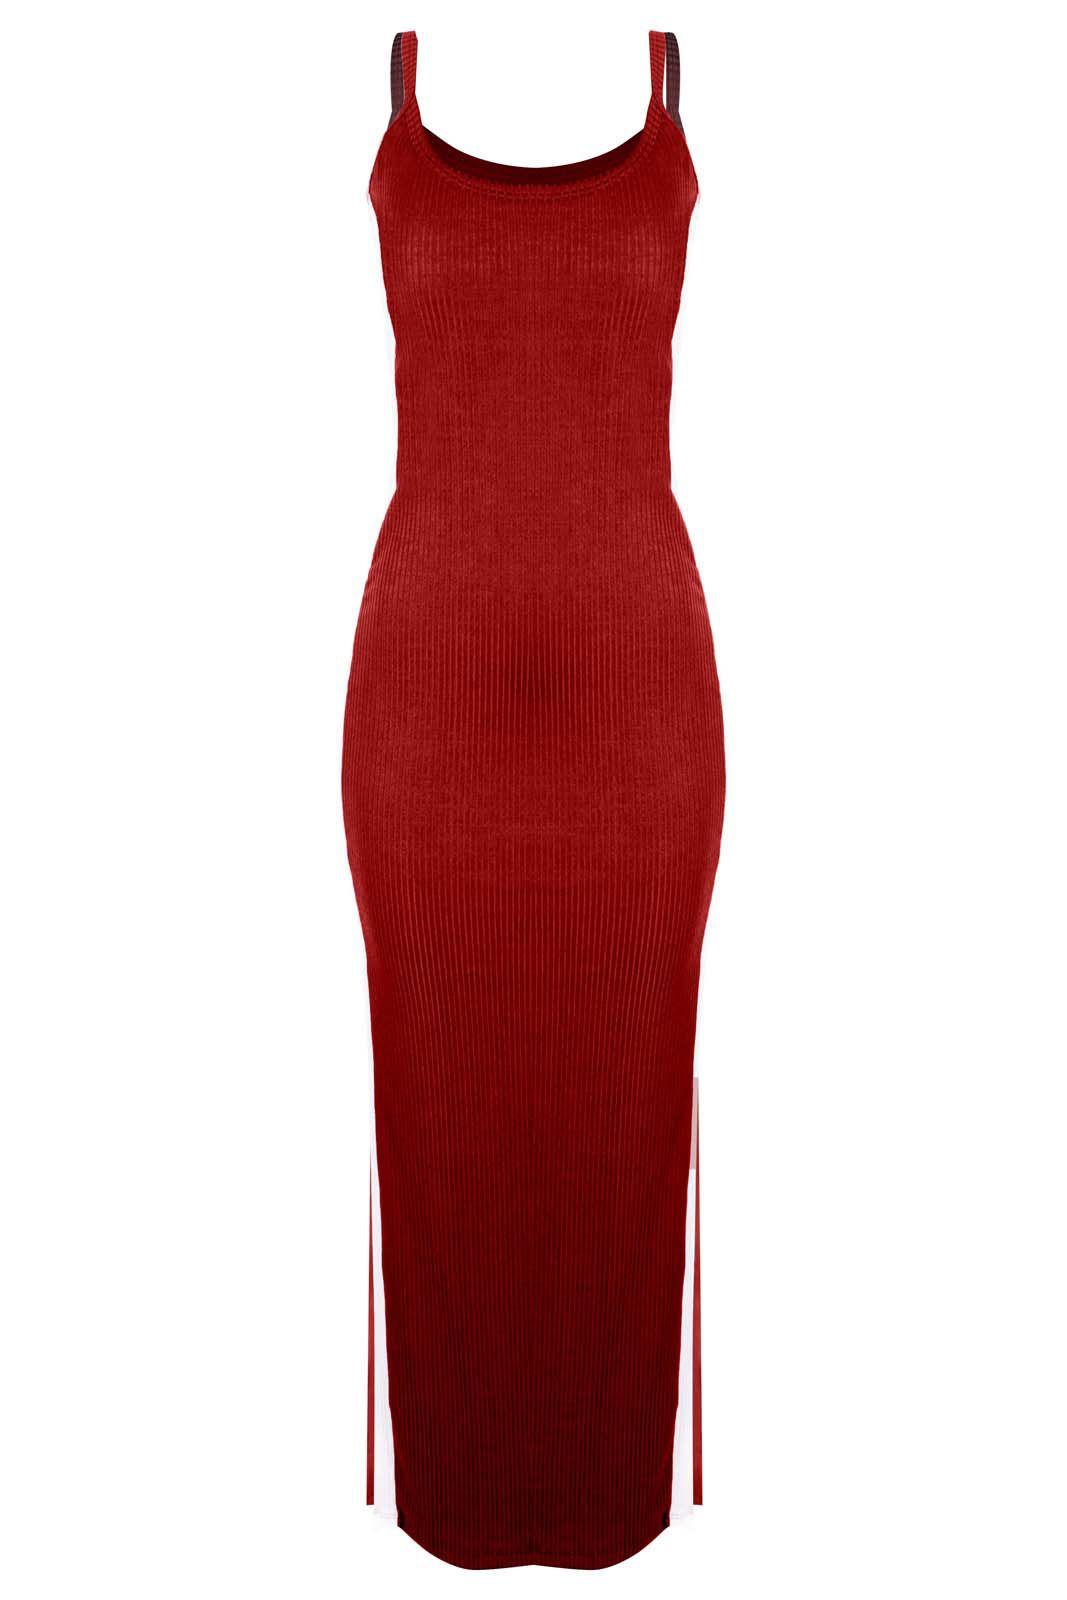 Vestido Outlet Dri Canelado Longo Dupla Fenda Lateral Faixa Branca Vermelho